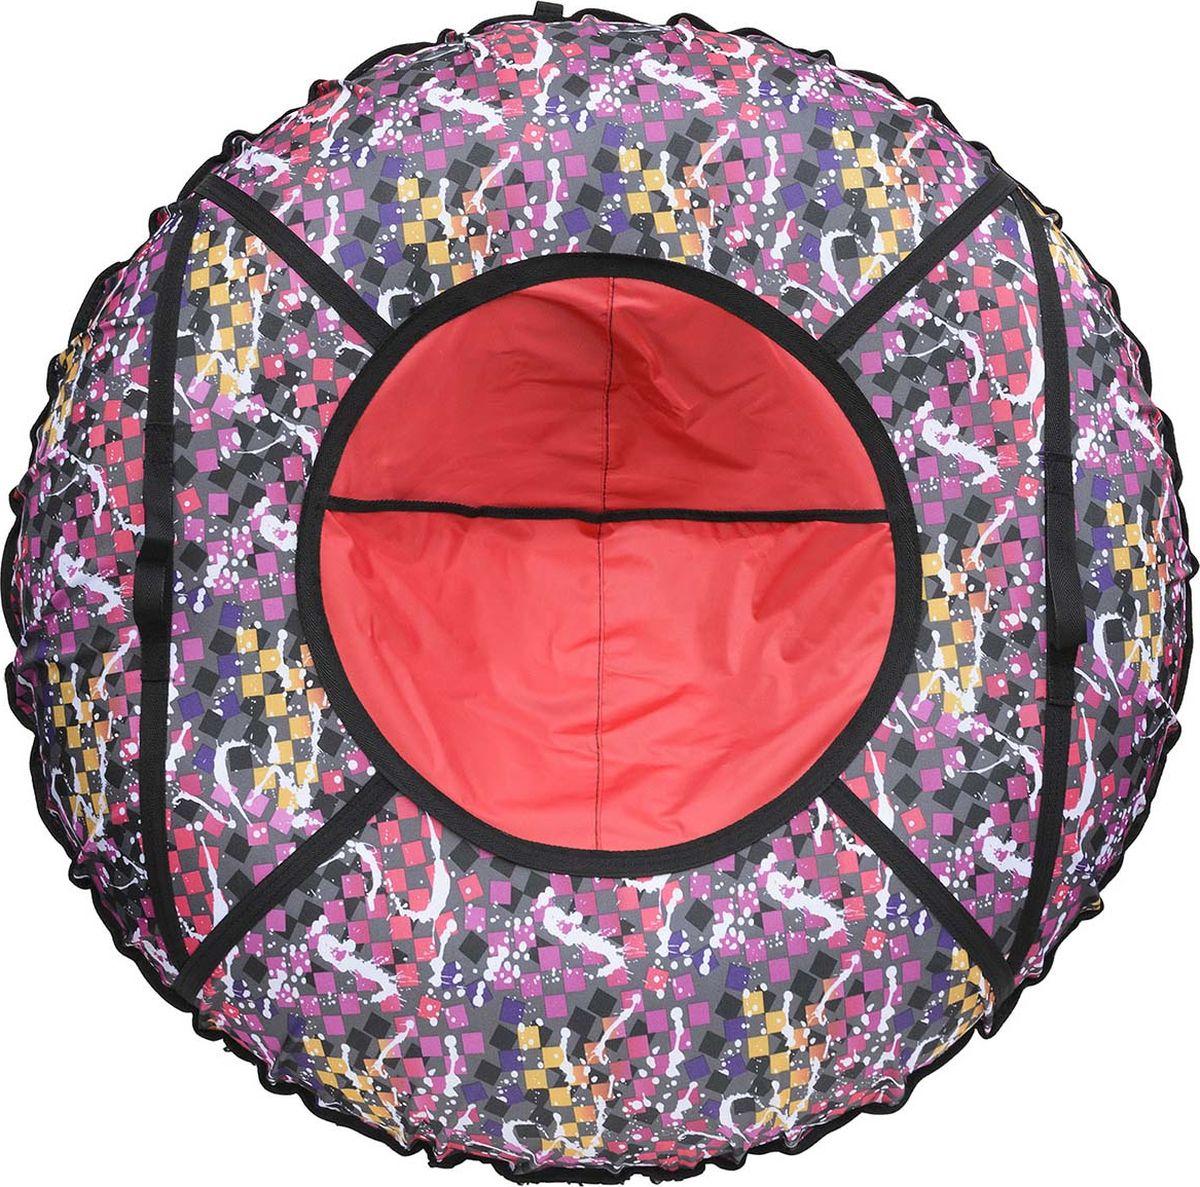 Тюбинг Эх, Прокачу!  Принт. Кубики , цвет: красный, фиолетовый, диаметр 70 см - Катаемся с горки